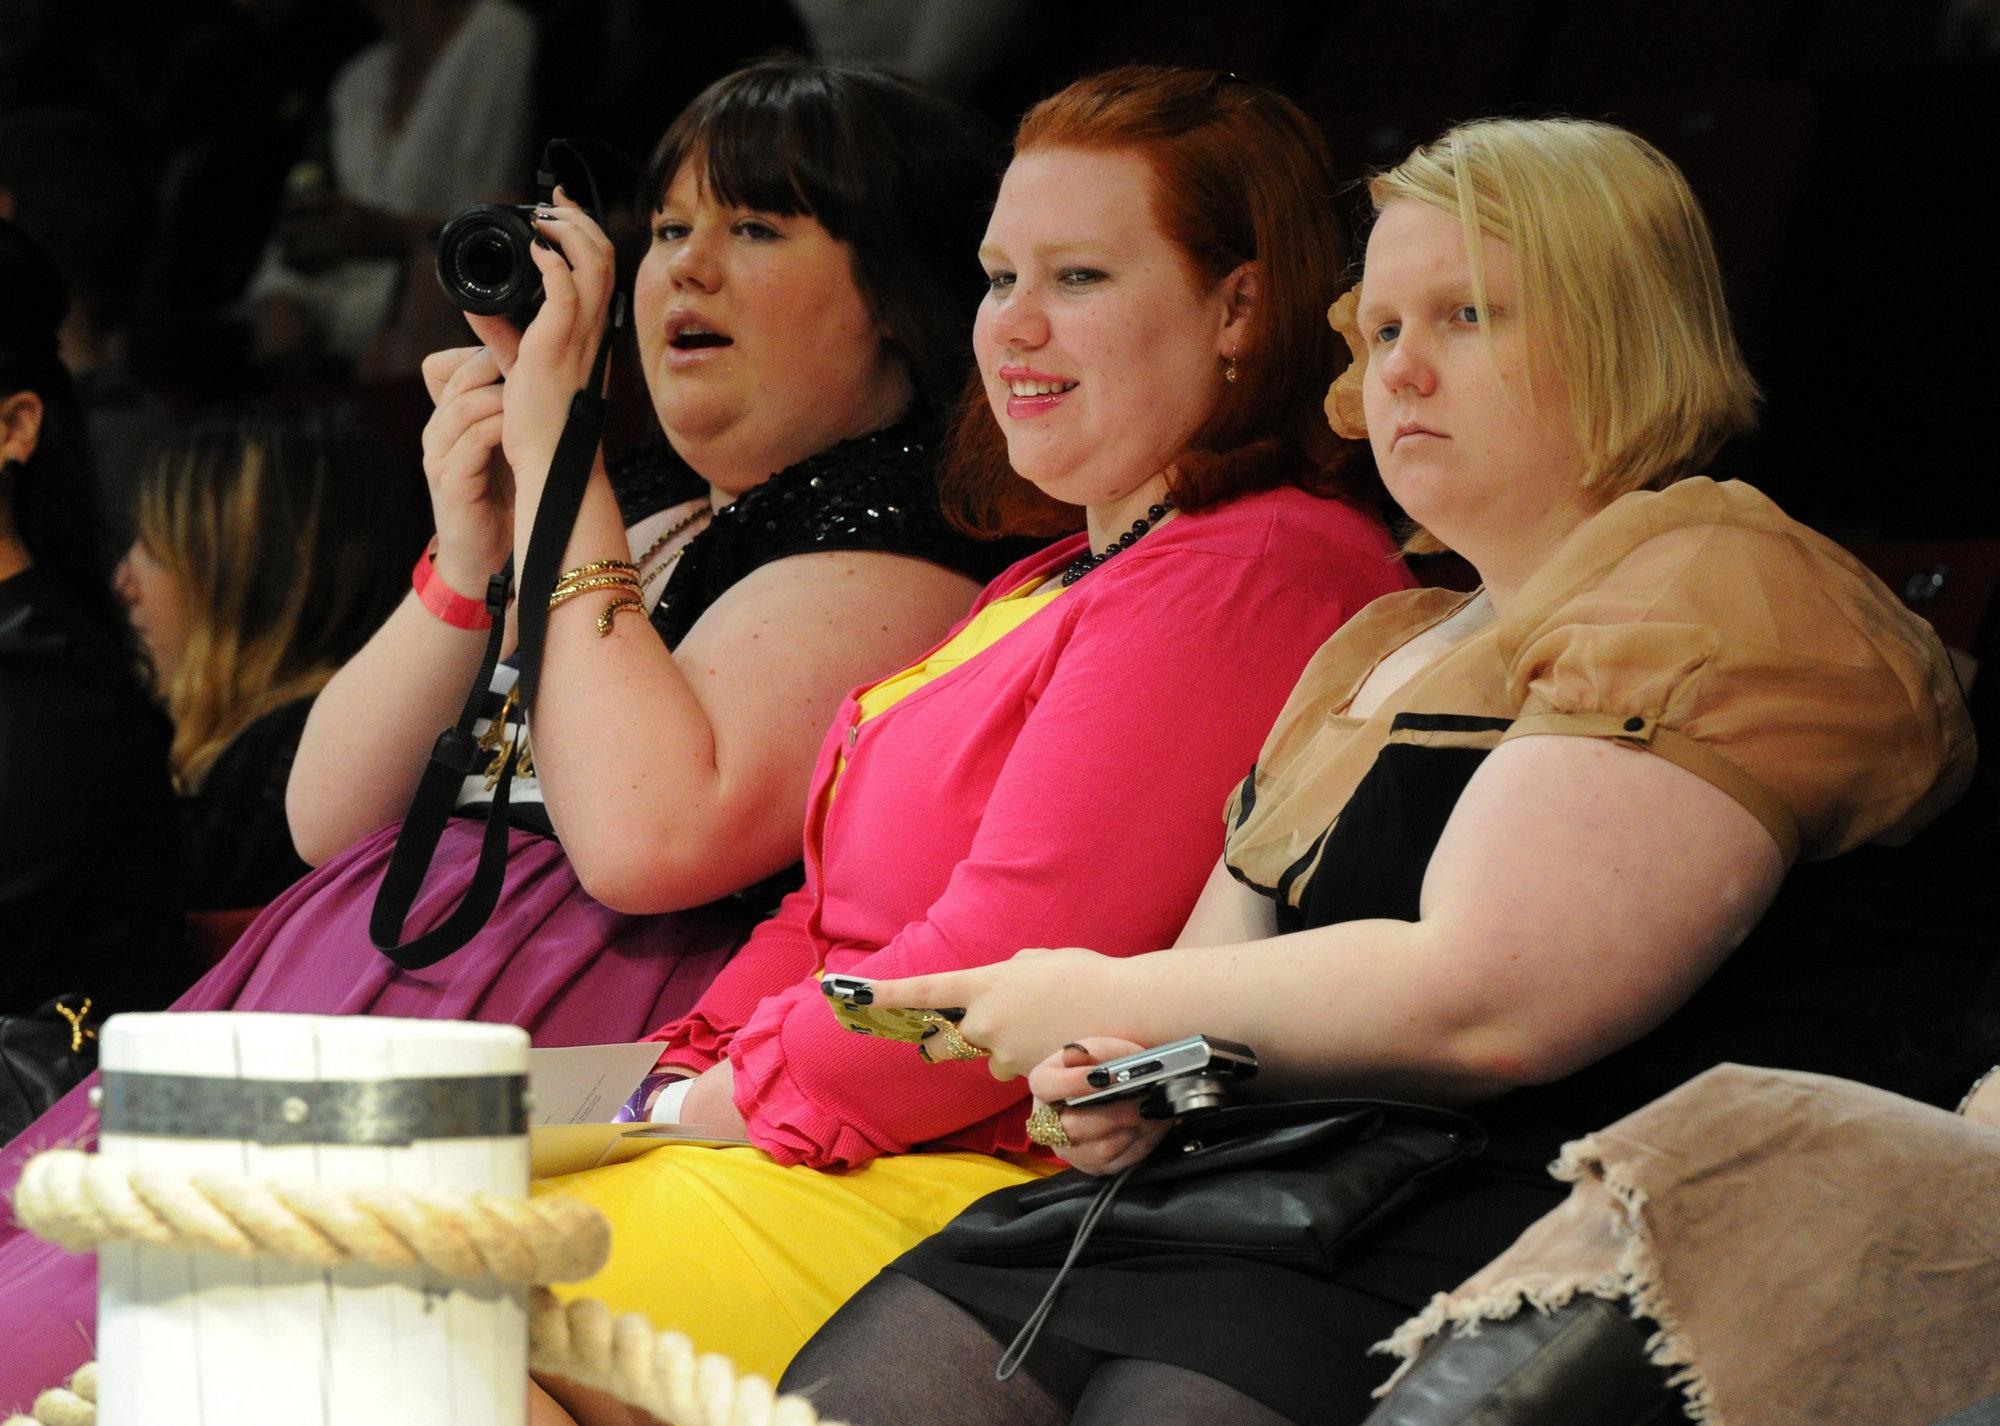 La moda, una quimera para 200 millones de europeos obesos y discapacitados